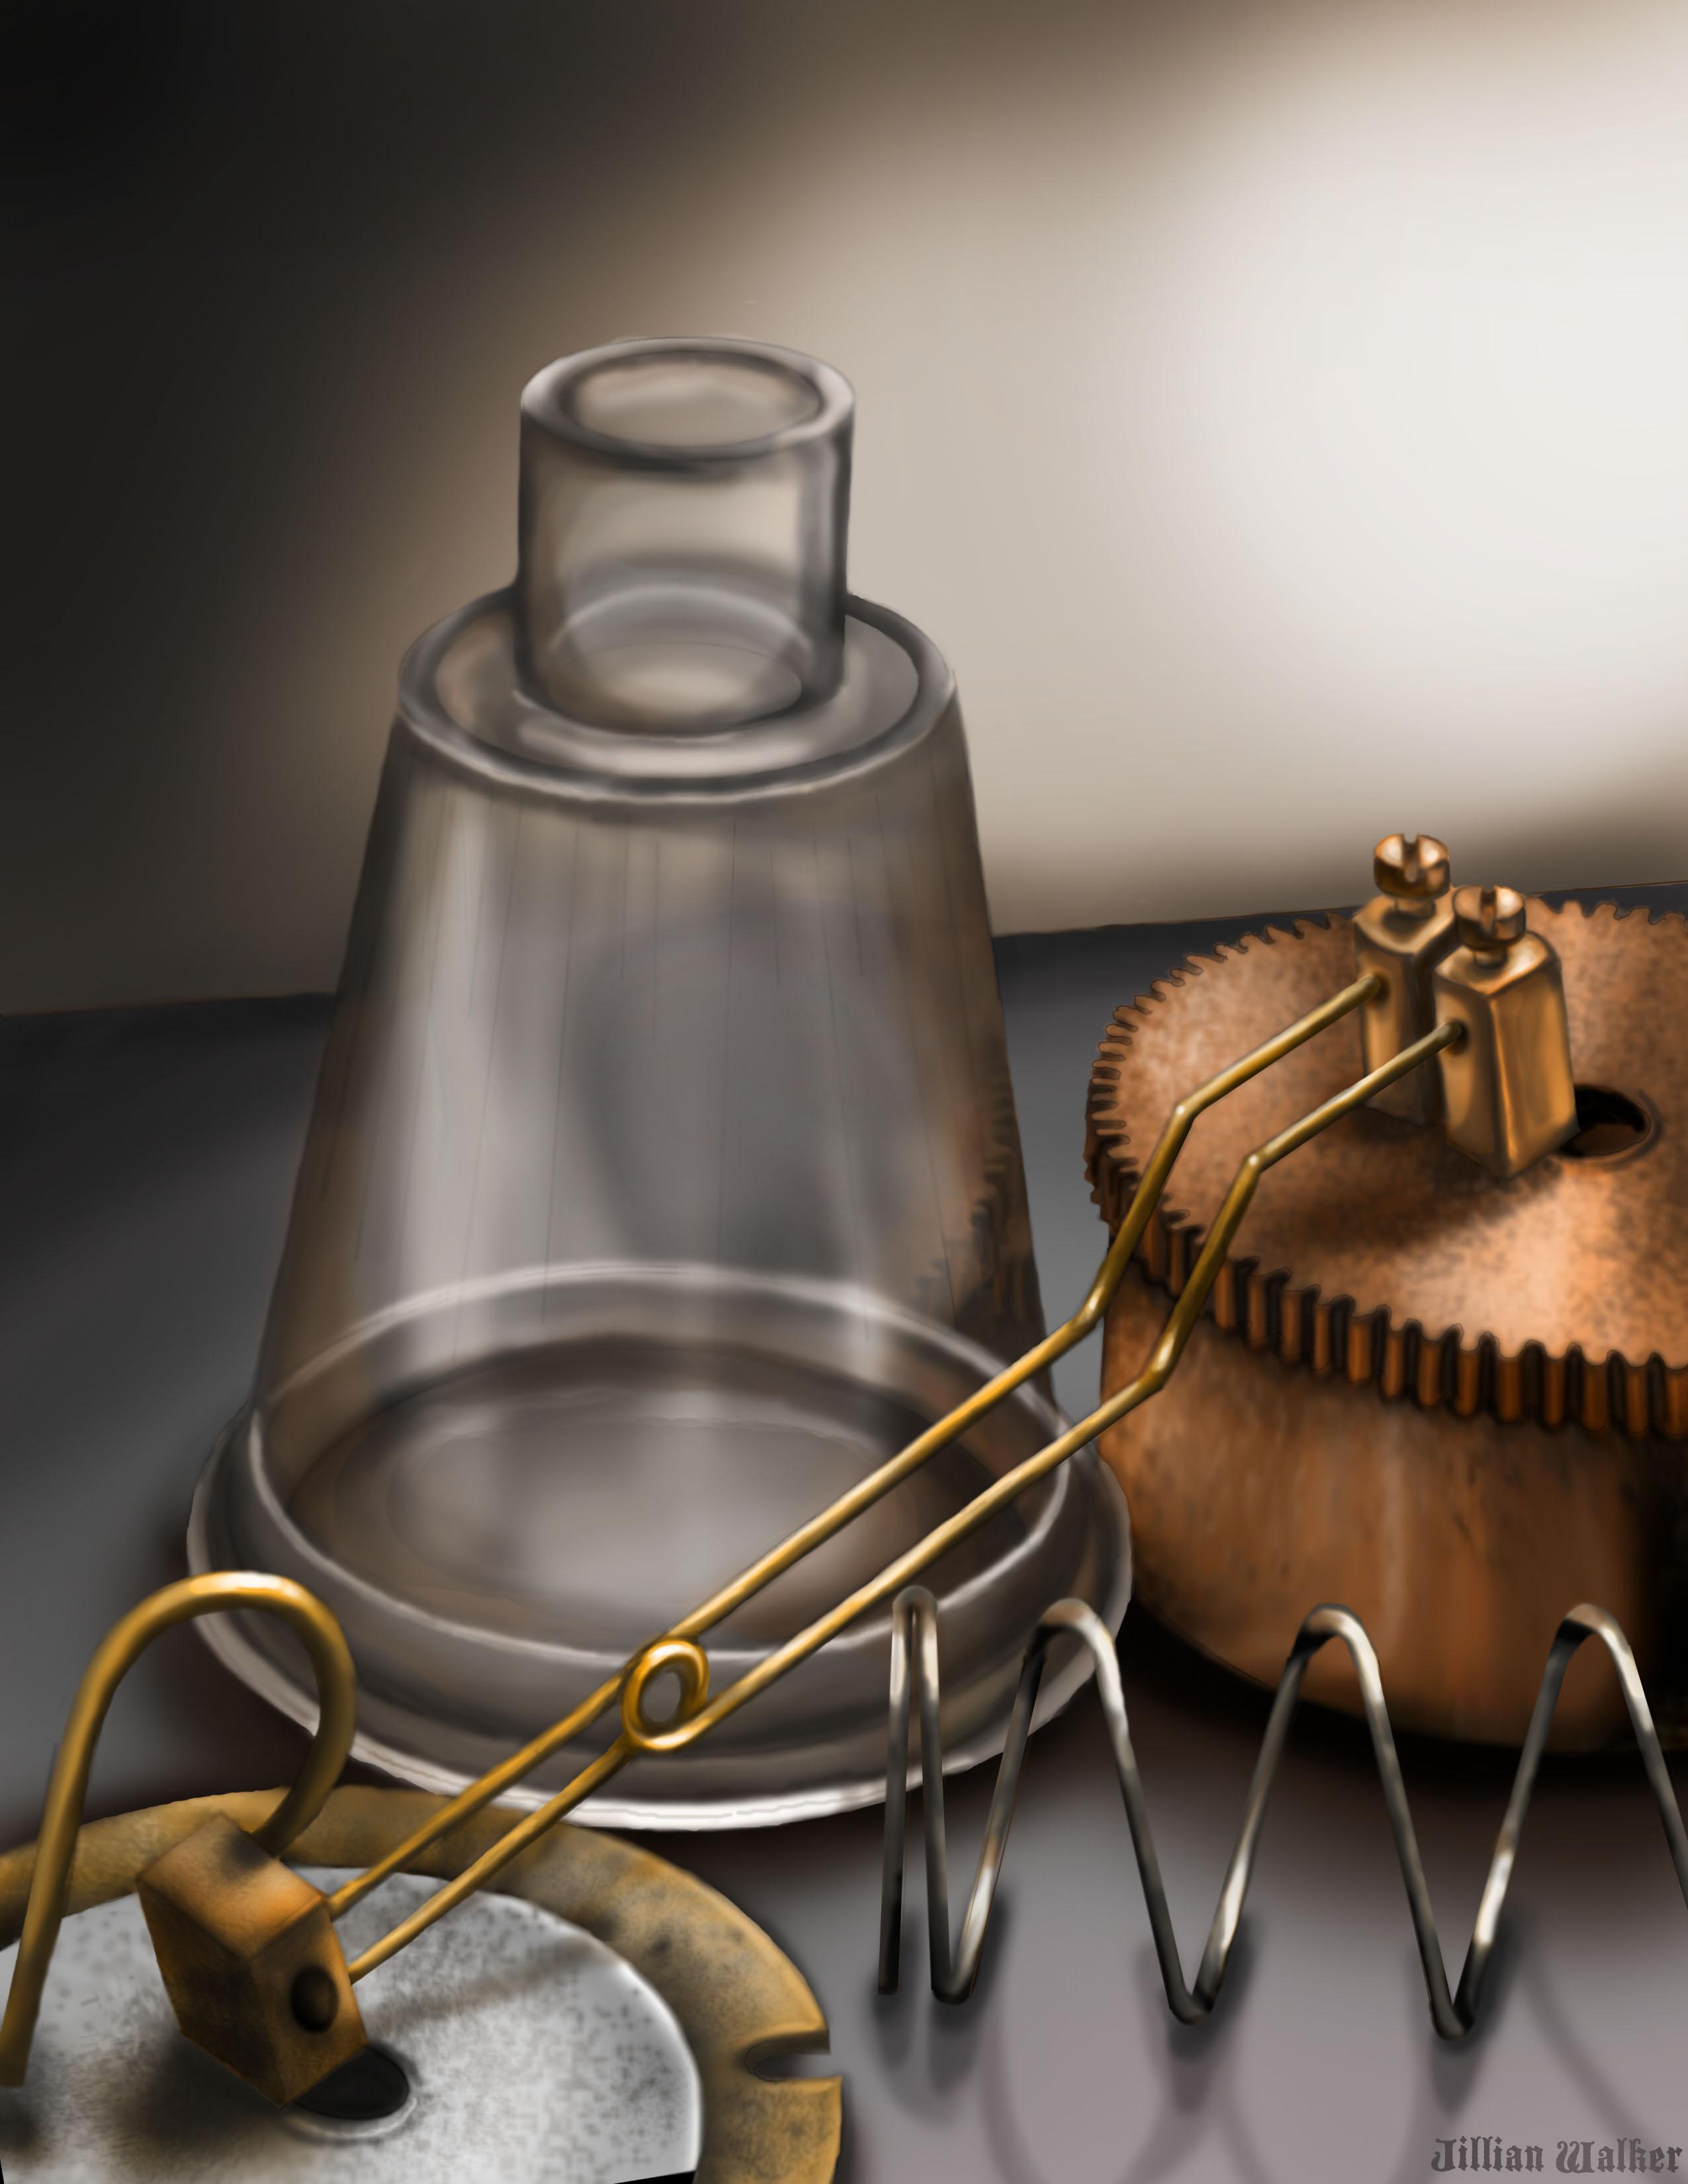 Inventor's Inquiries